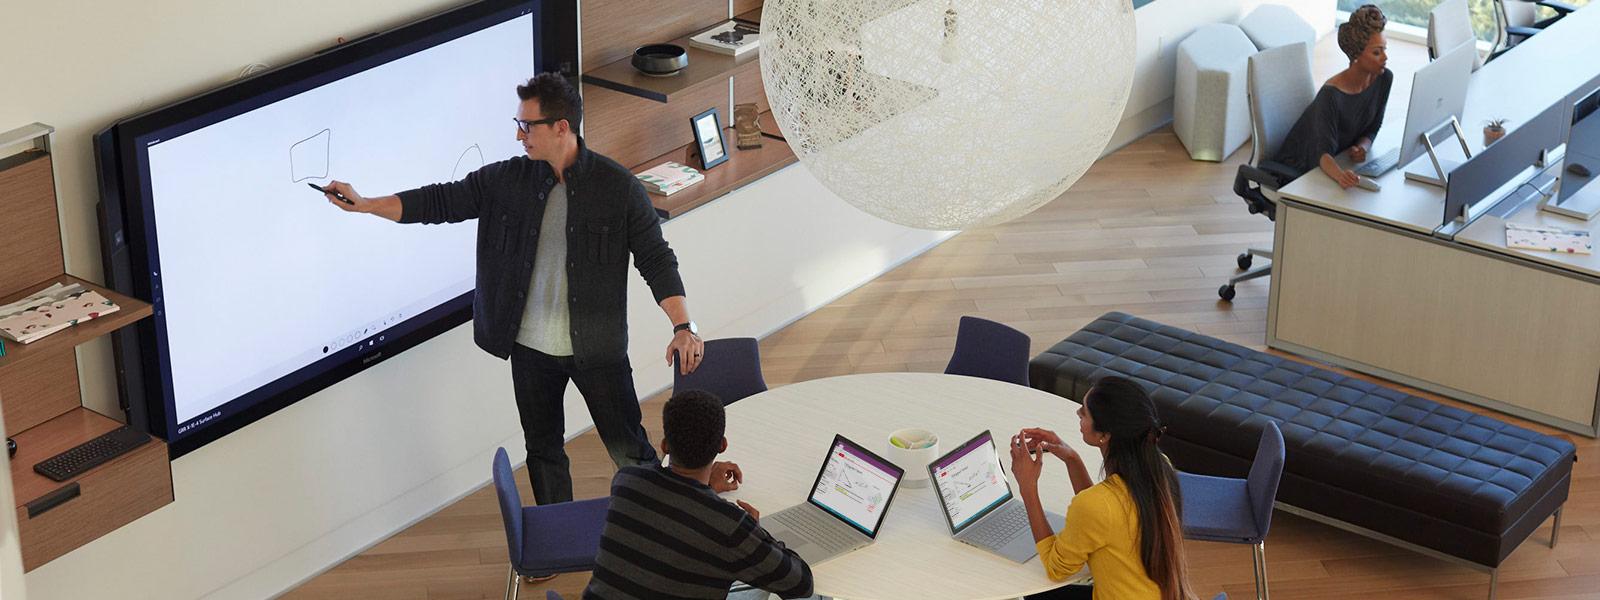 Opettaja pitää esitystä Surface Hubissa, oppilaat istuvat pöydän ääressä kirjoittamassa Surface Book -laitteilla.